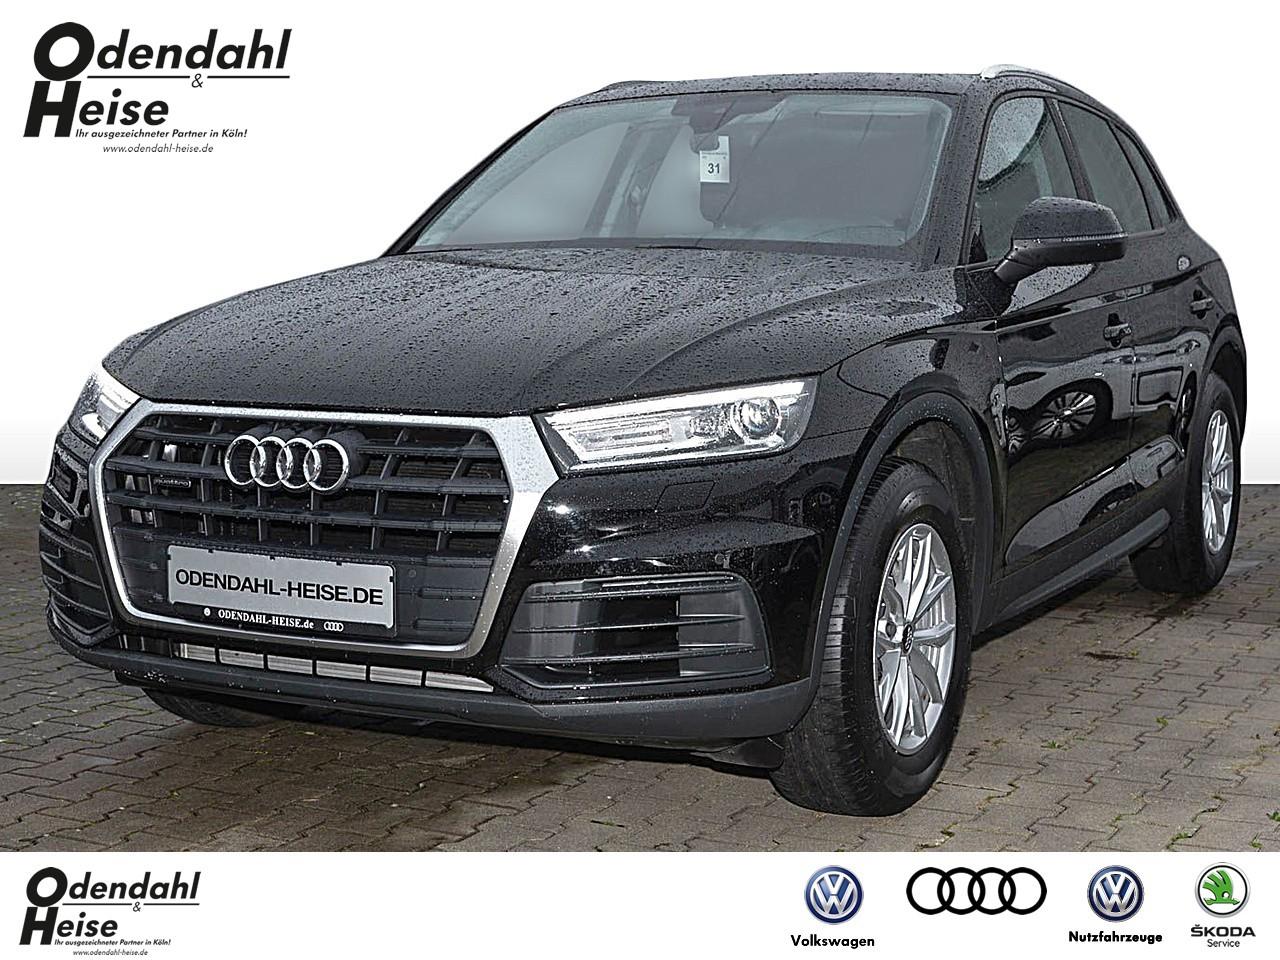 Audi Q5 3.0 TDI quattro tiptronic Klima Xenon Navi, Jahr 2018, Diesel